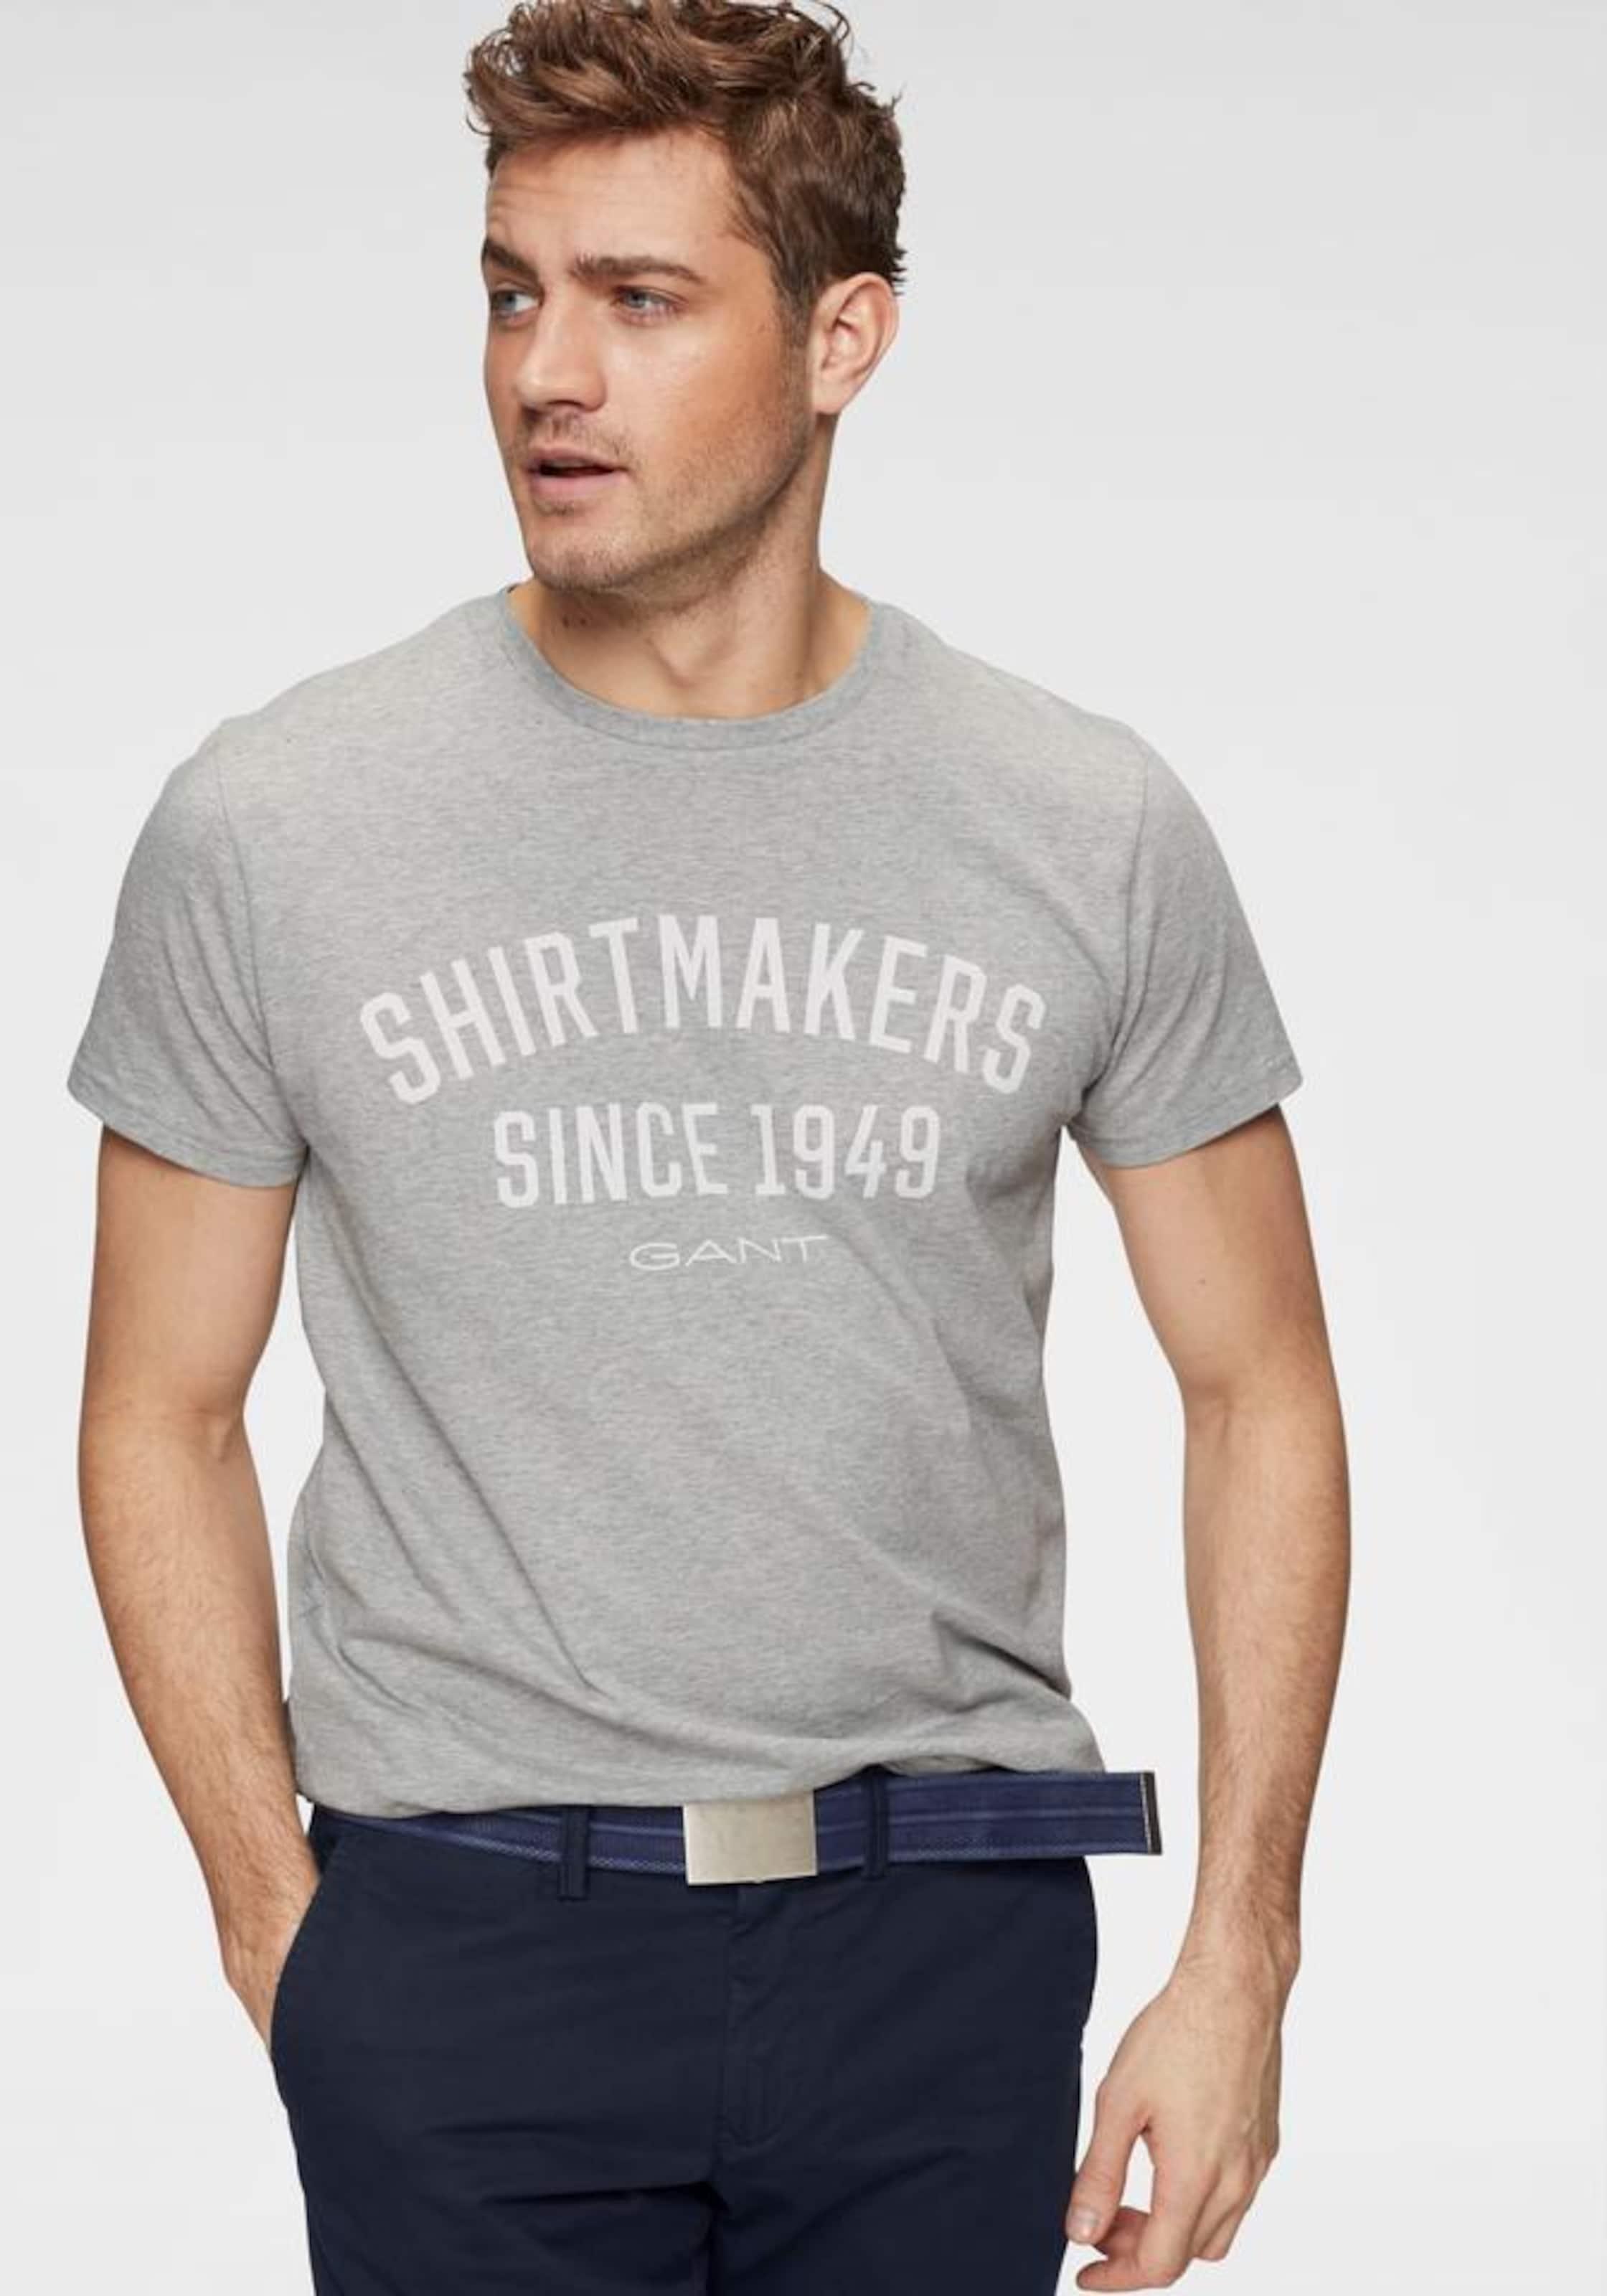 Gant shirt T GraumeliertWeiß GraumeliertWeiß Gant In T In shirt Gant T shirt WCreEQdxBo